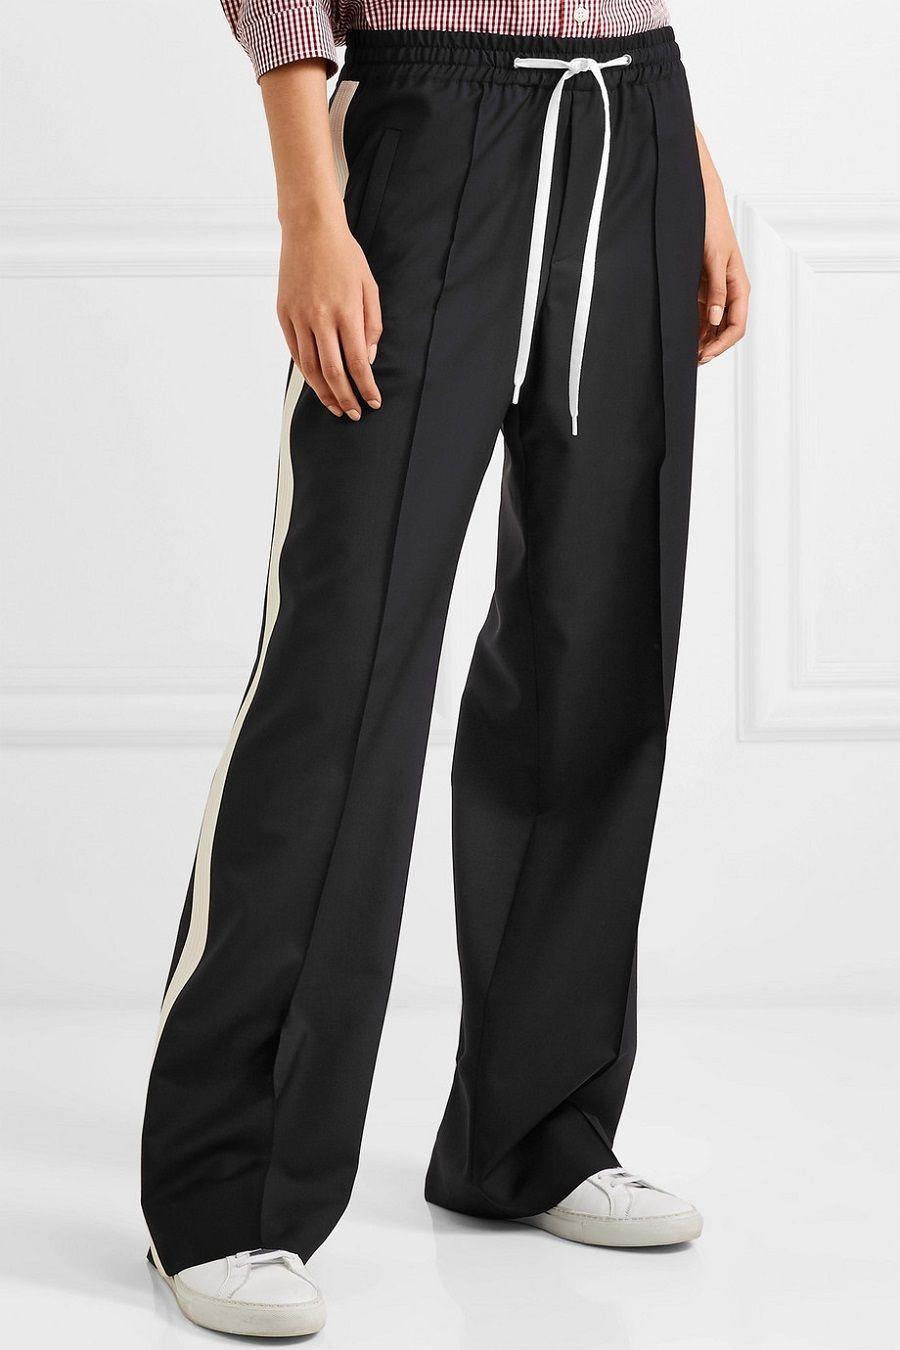 Pilihan Trousers Kece untuk Gaya Minimalis